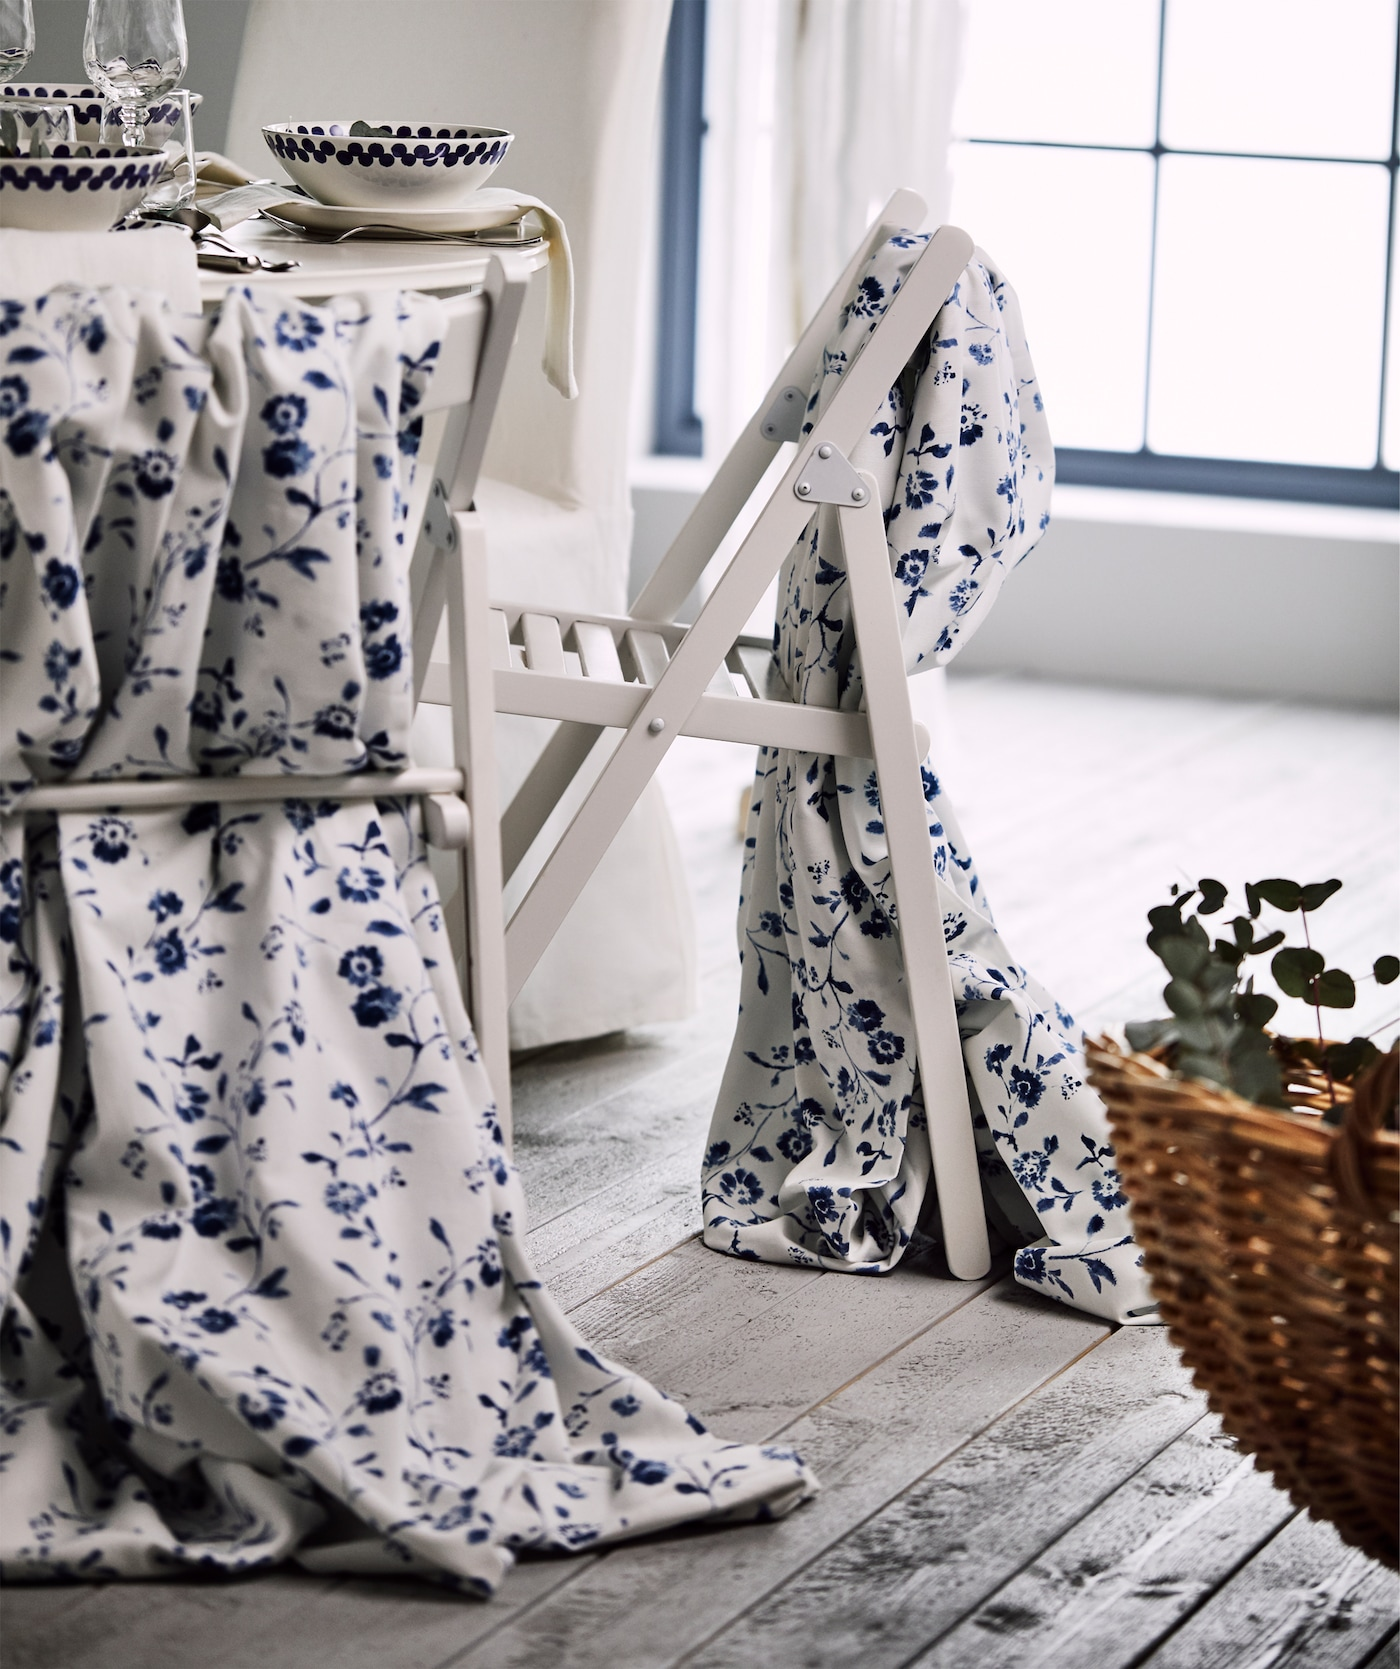 Bodas Decoración Ideas Personales Para La De Ikea IED9YbeW2H